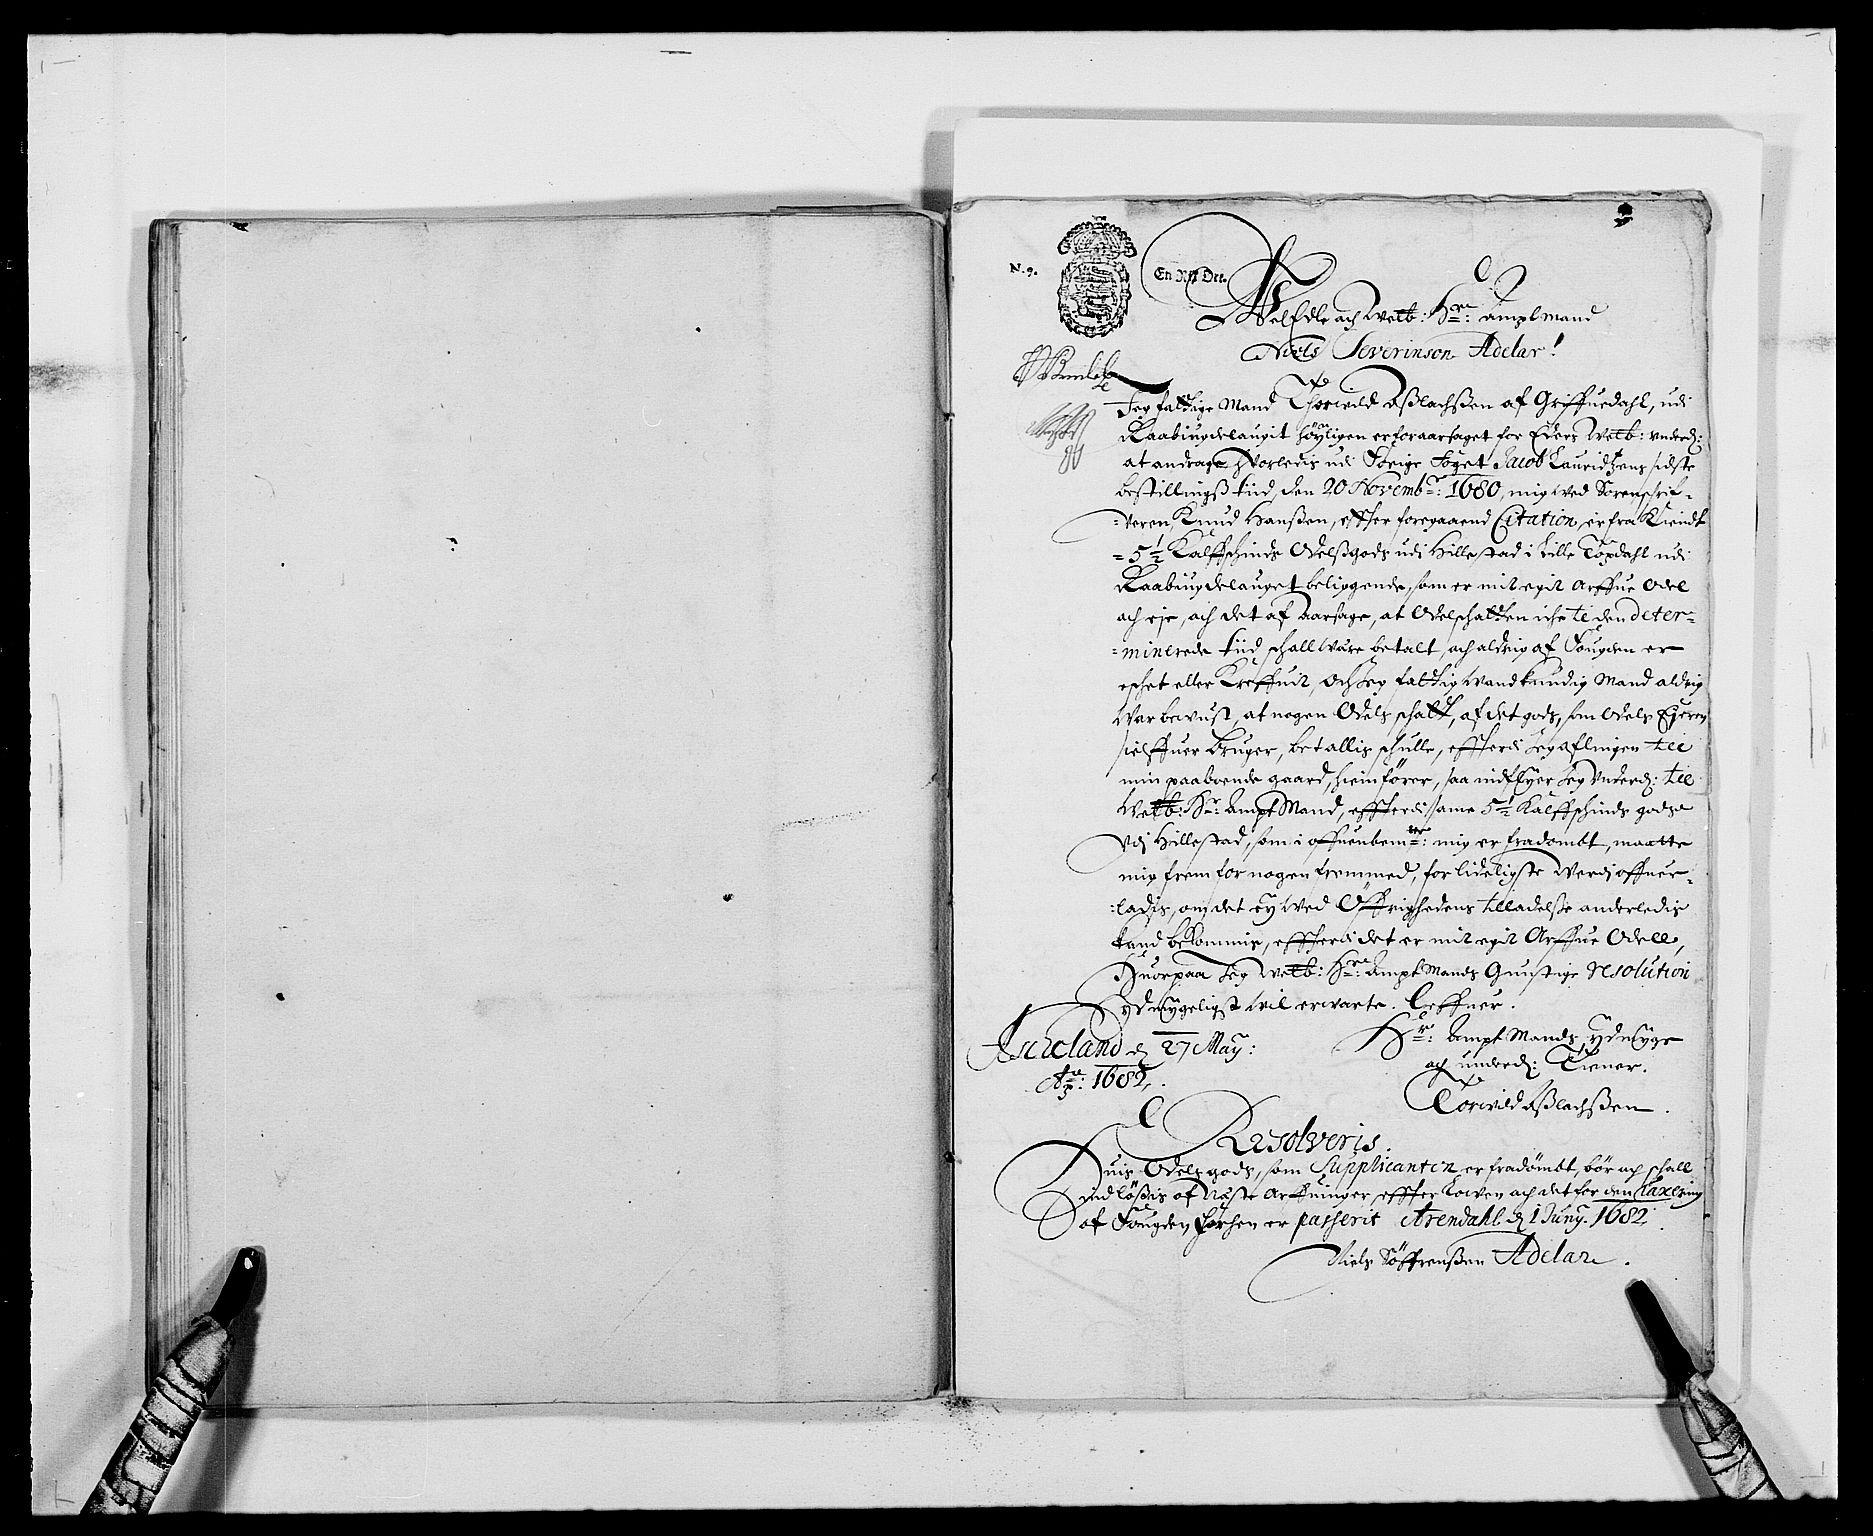 RA, Rentekammeret inntil 1814, Reviderte regnskaper, Fogderegnskap, R40/L2439: Fogderegnskap Råbyggelag, 1684-1685, s. 82